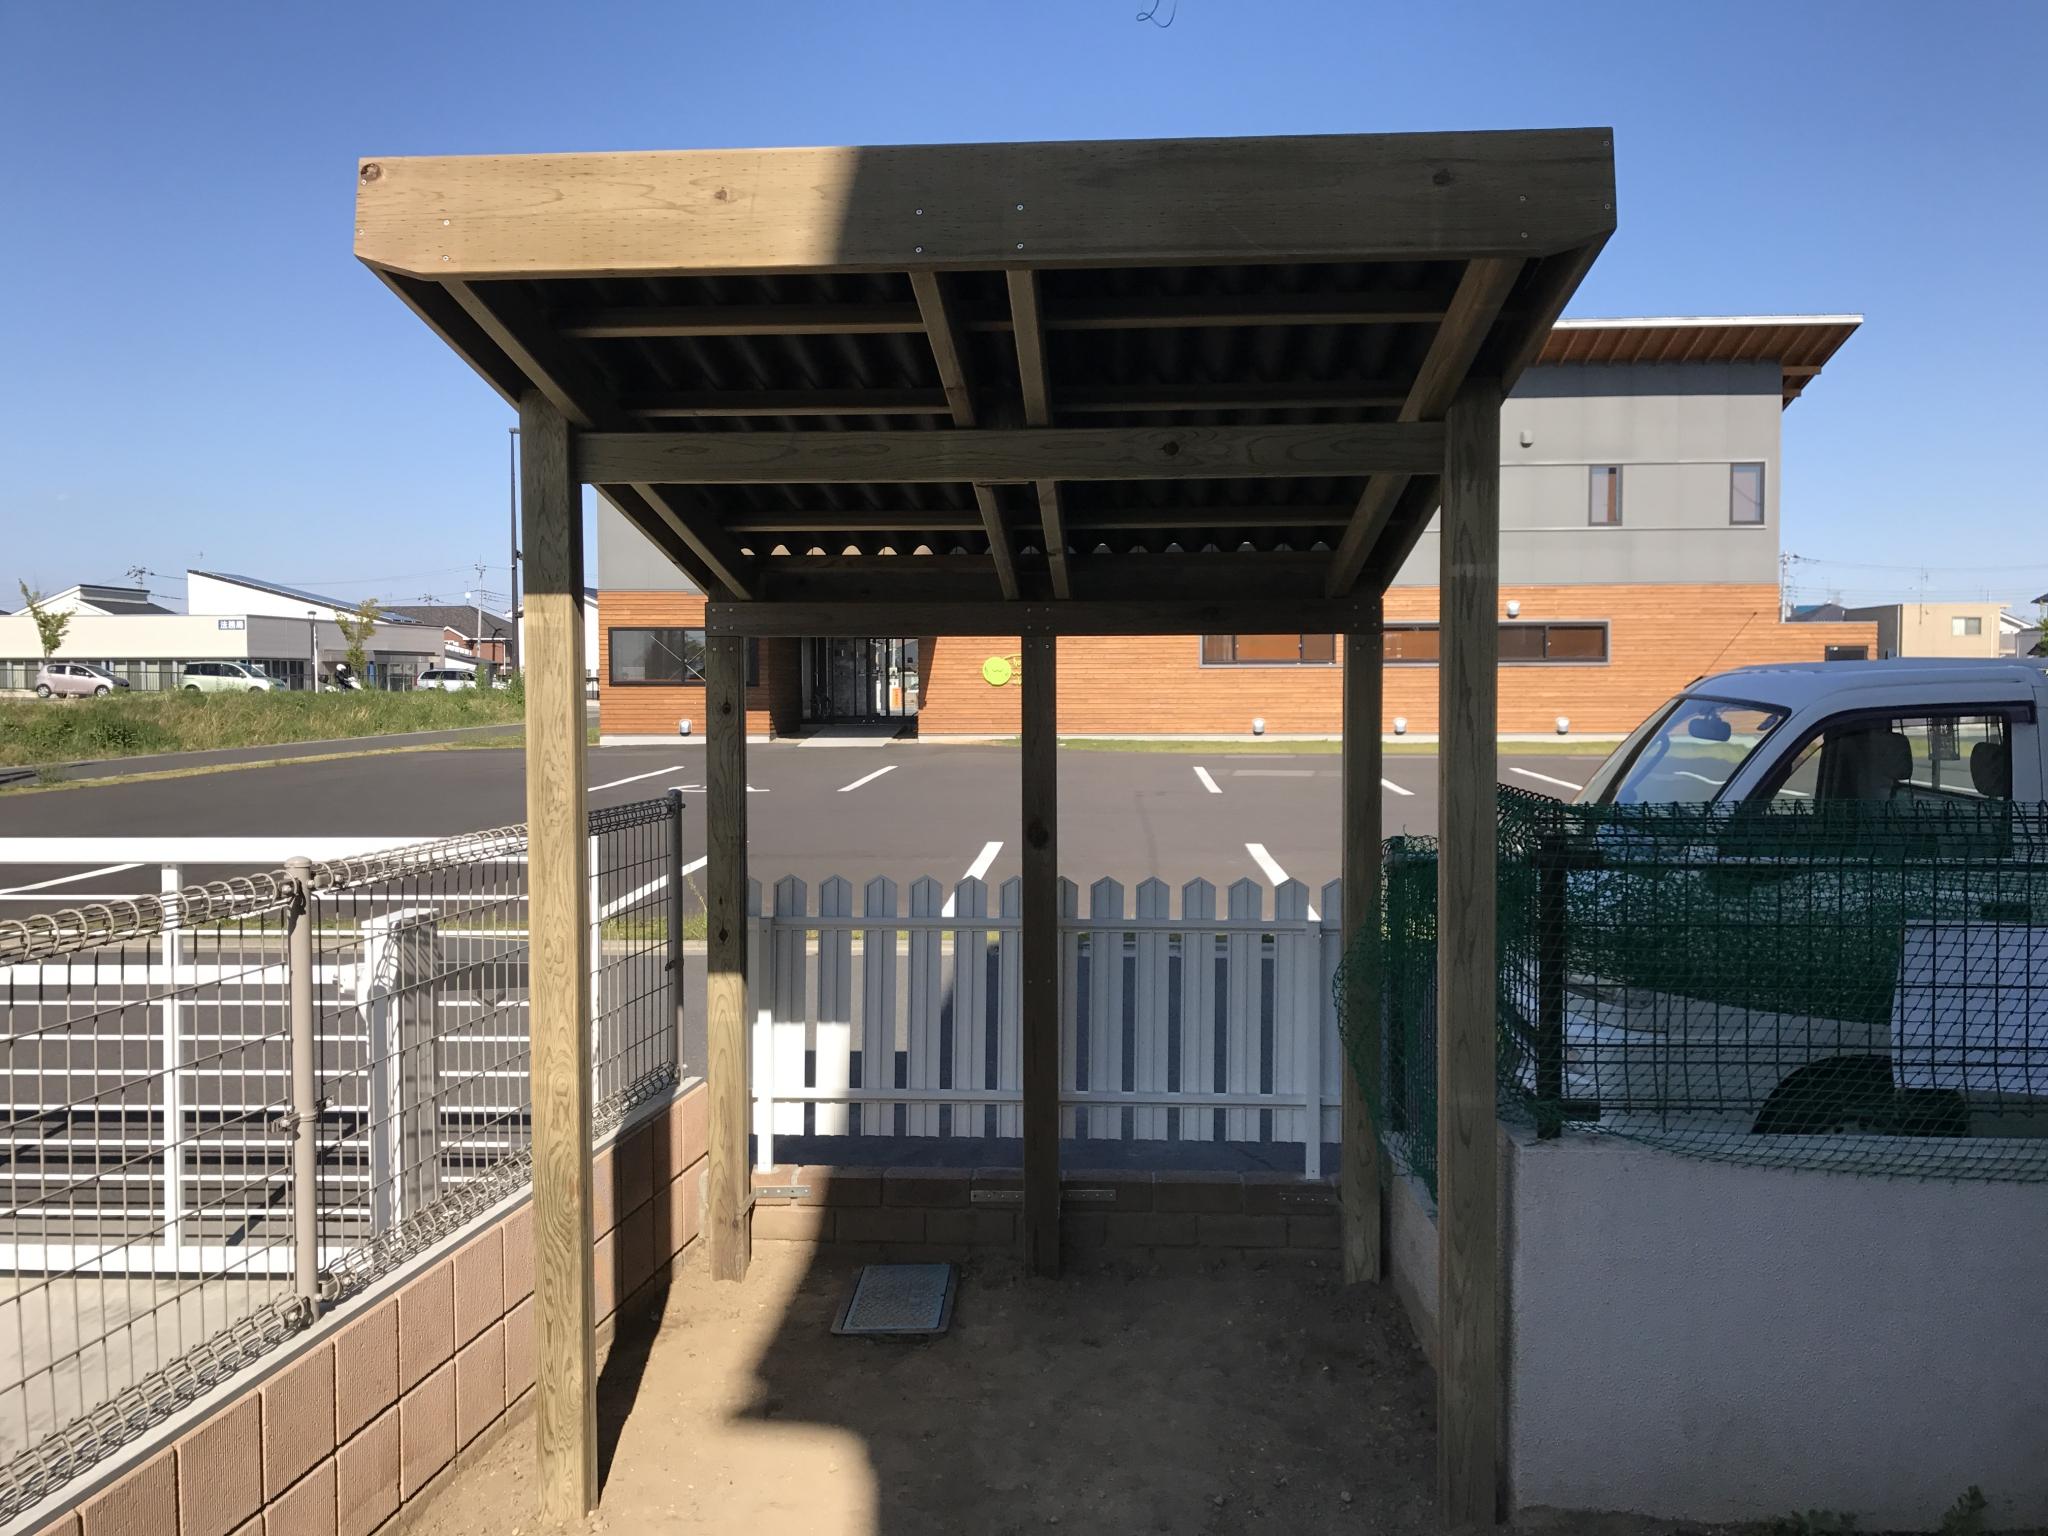 お庭に合わせて造作した木製サイクルポート・パートⅢ|埼玉県本庄市のS様邸のエクステリア